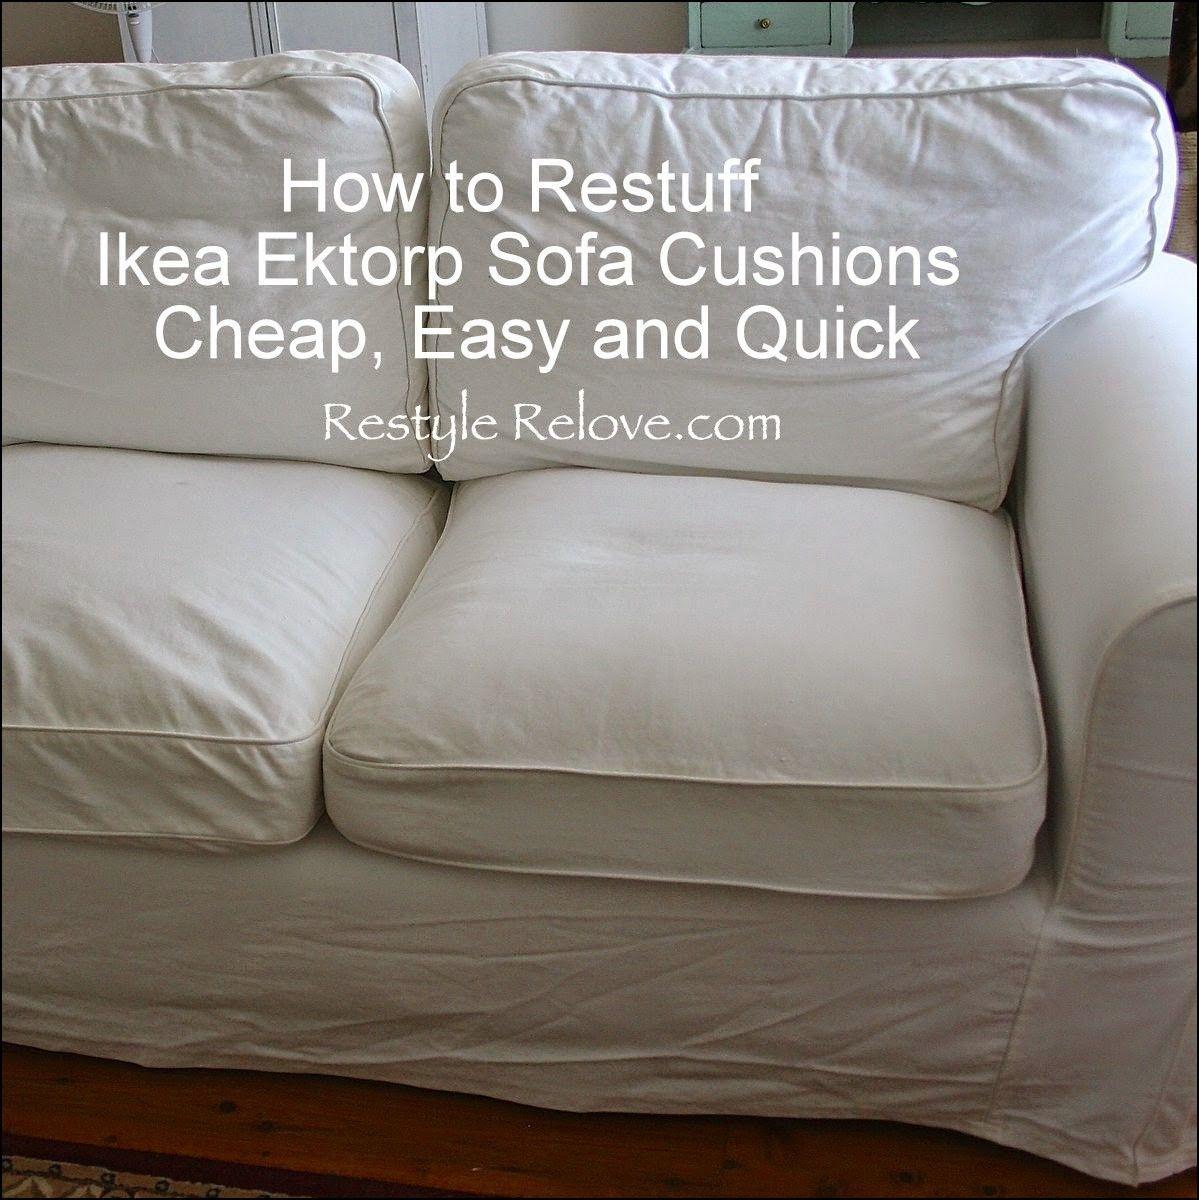 Restuff Sofa Cushions